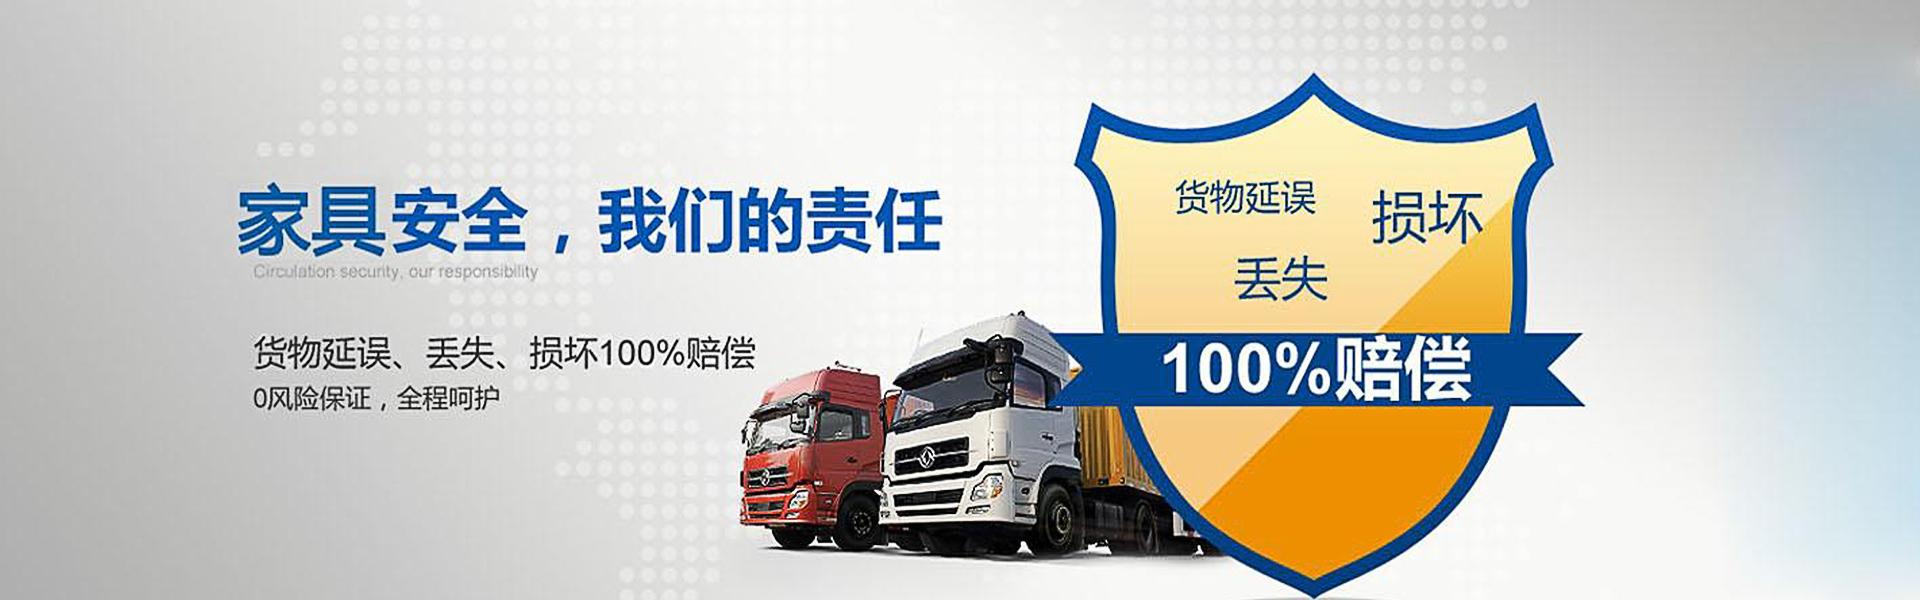 重庆搬家公司服务保障家具安全,确保货物不延误、丢失